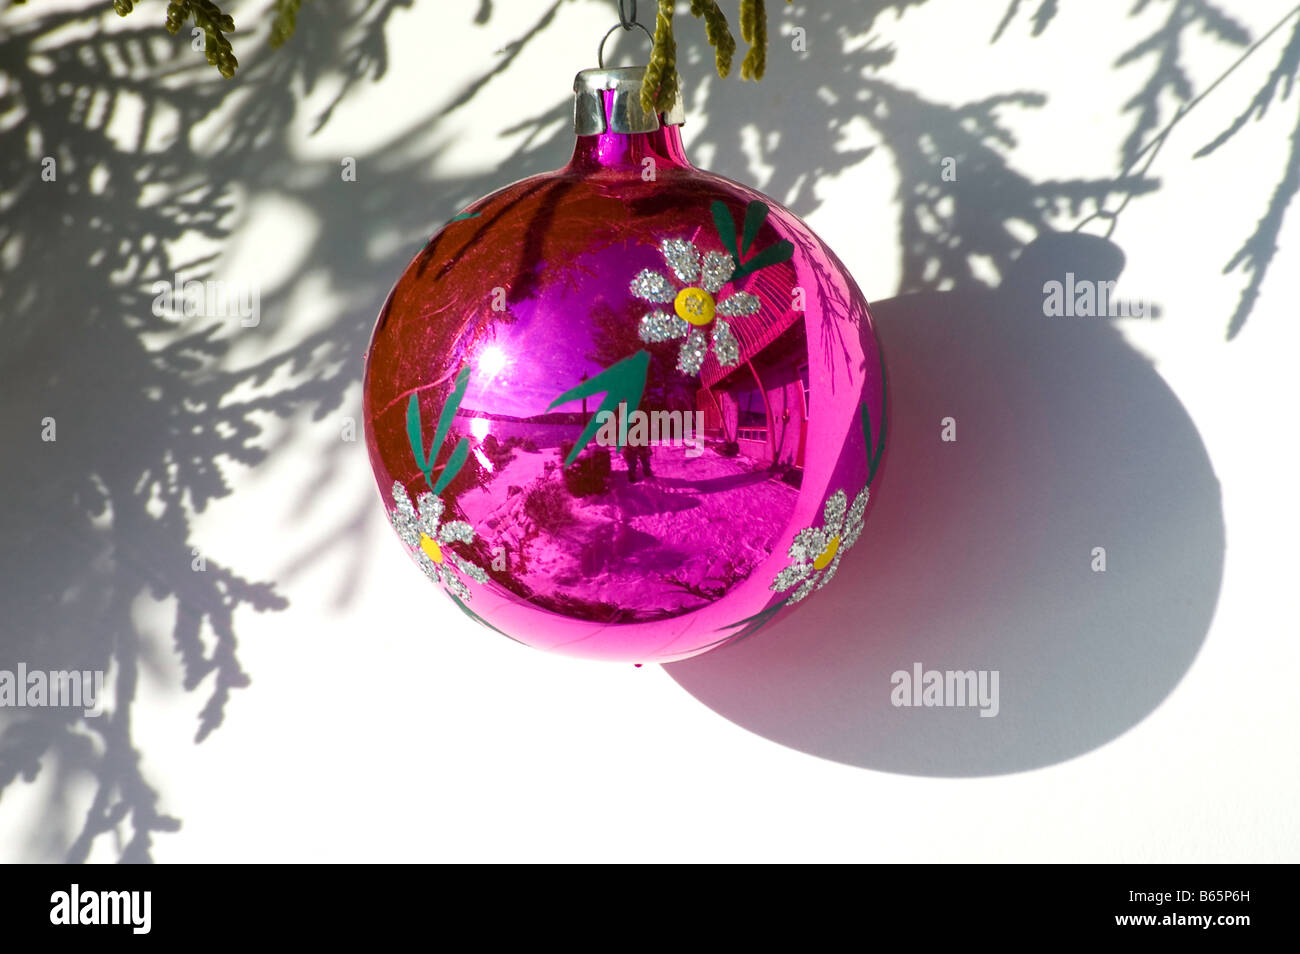 Wierd Christmas Ornament.Weird Christmas Decorations Stock Photos Weird Christmas